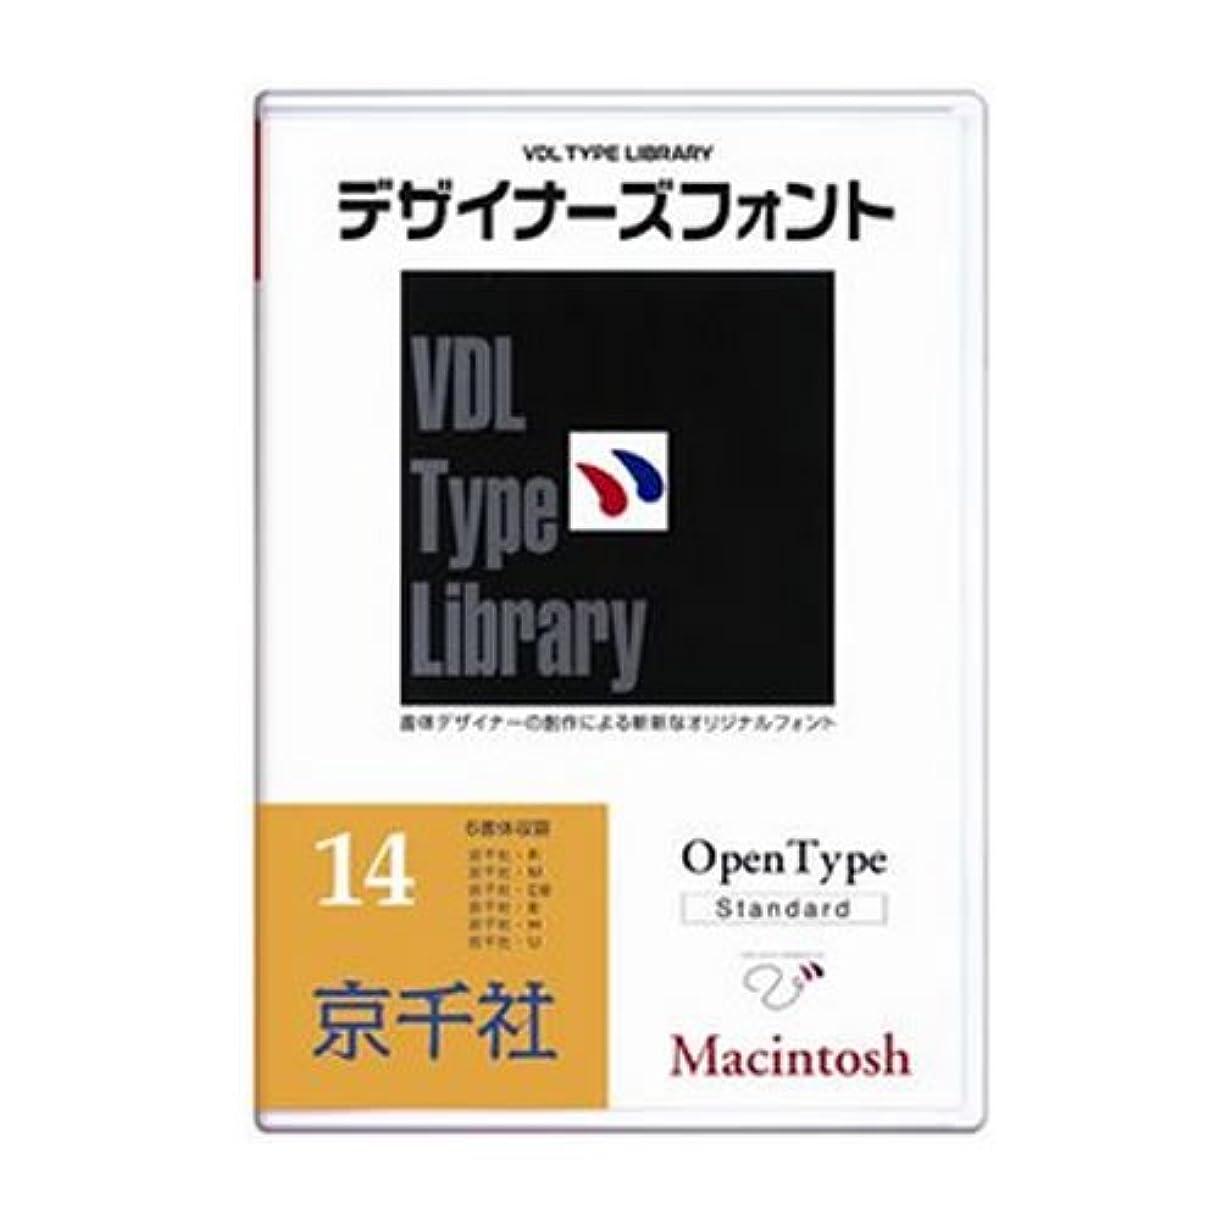 診断する構造的案件VDL Type Library デザイナーズフォント OpenType (Standard) Windows Vol.14 京千社